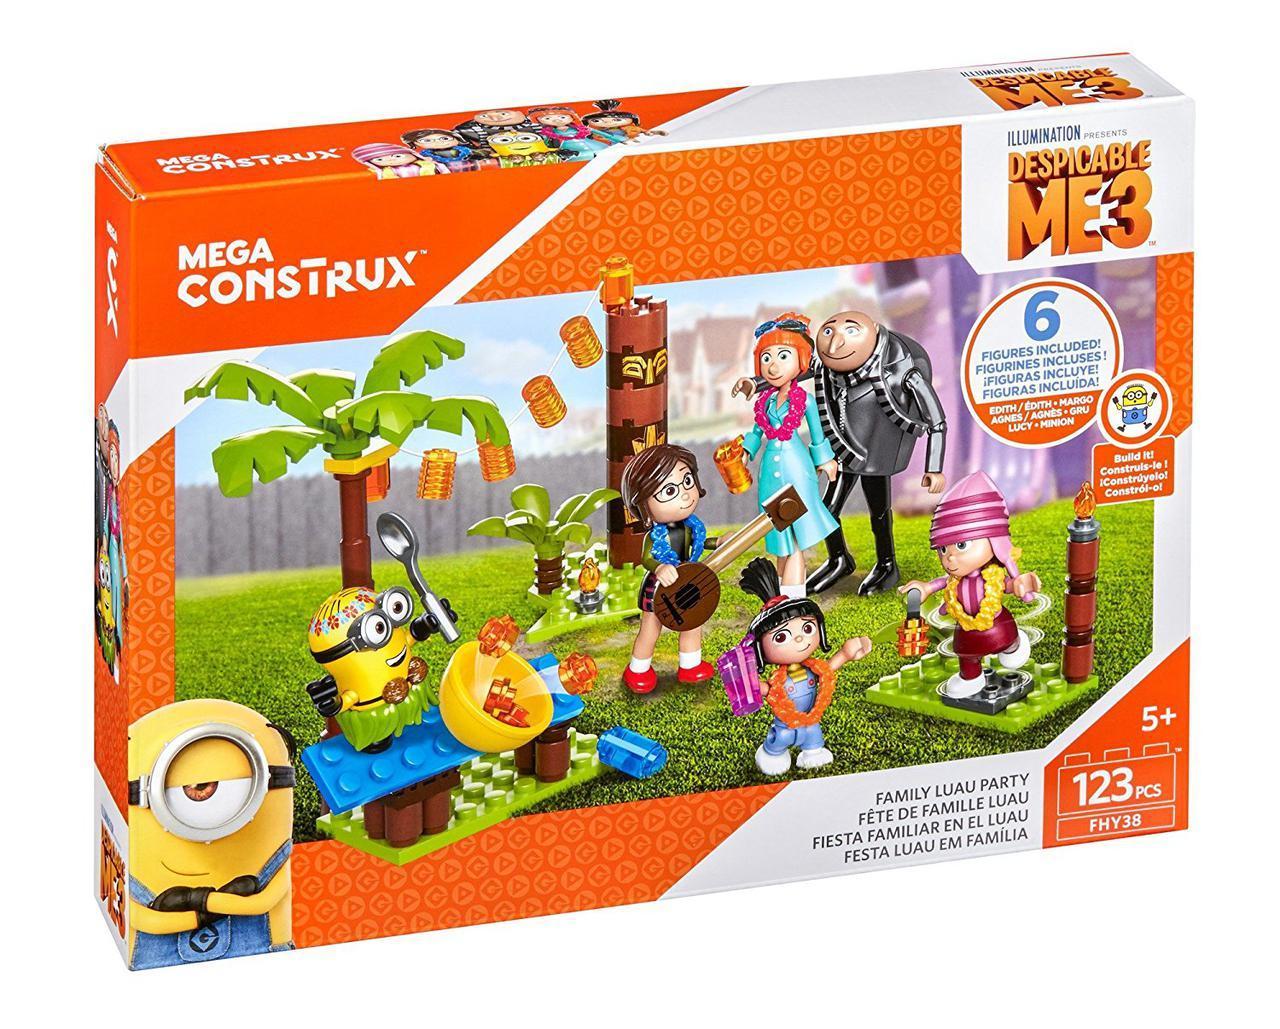 Мега Конструктор миньоны Семейный пикник Гру Mega Construx Despicable Me 3 Family Luau Party Building Set